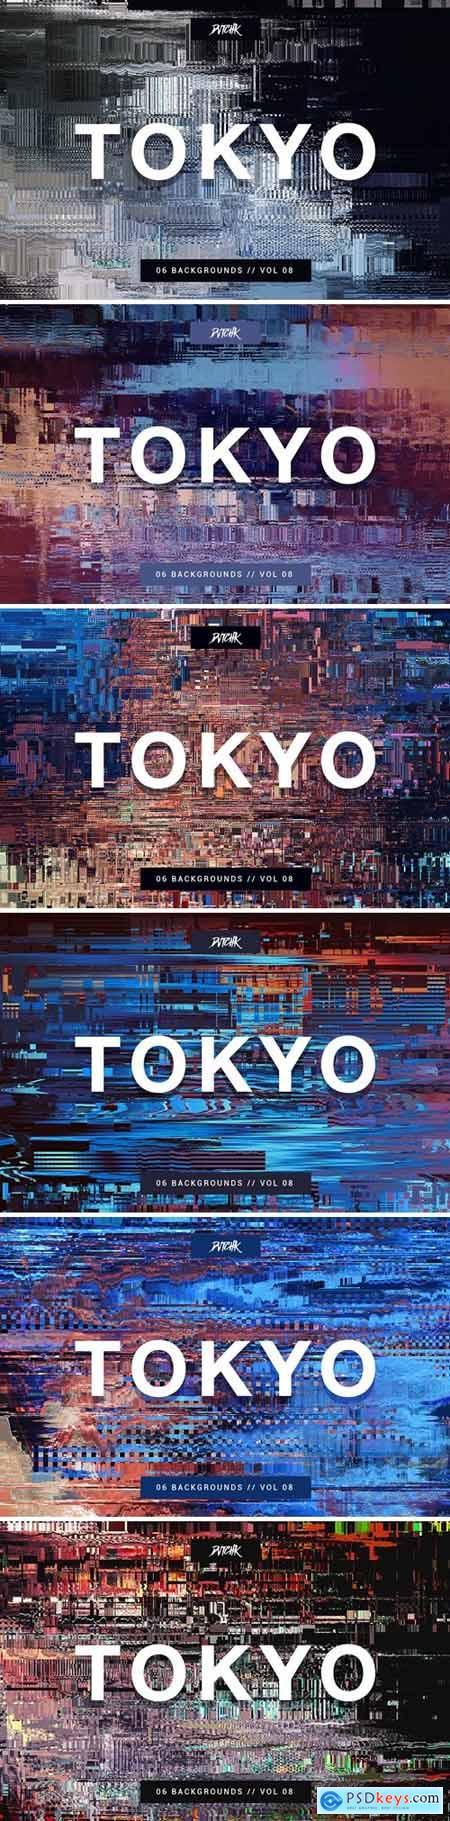 Tokyo- City Glitch Backgrounds - Vol.08